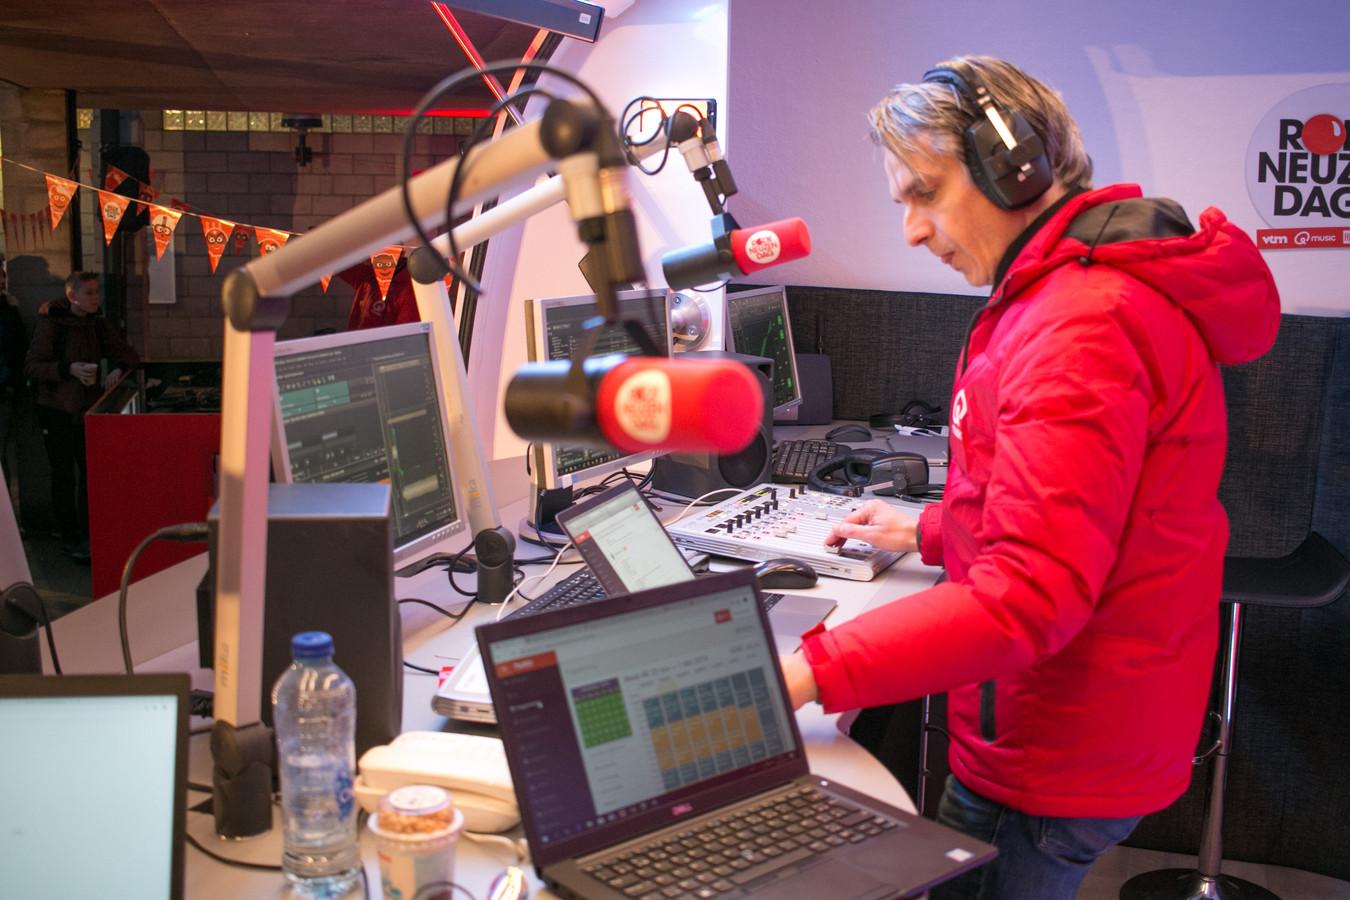 Wim Oosterlinck van Qmusic aan het werk in SBSO Baken.